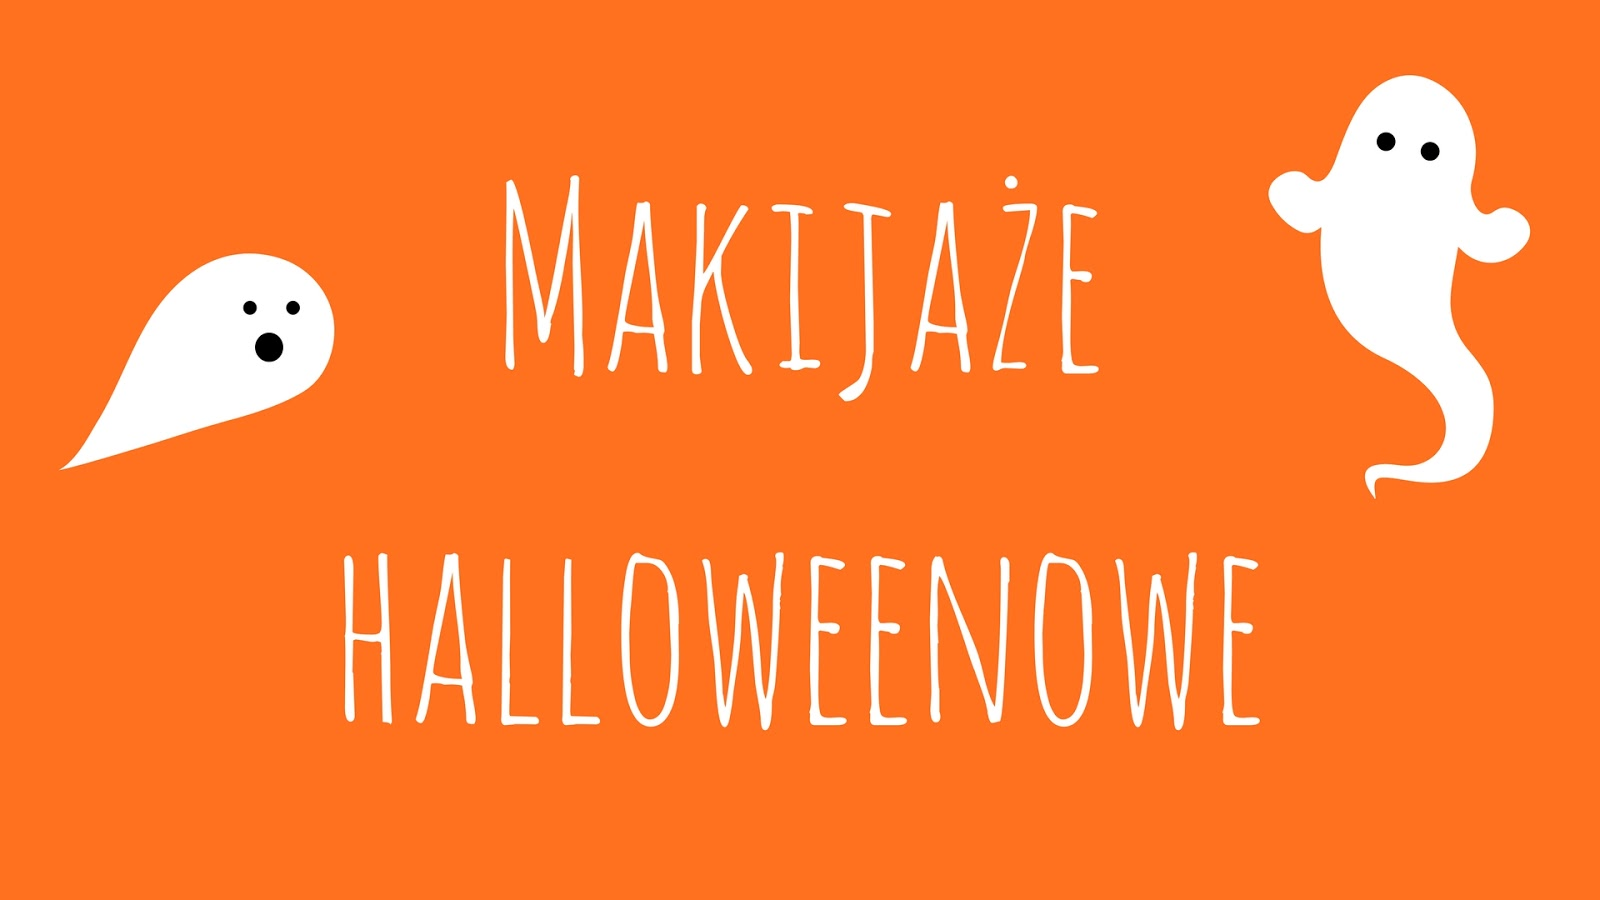 Makijaże halloweenowe